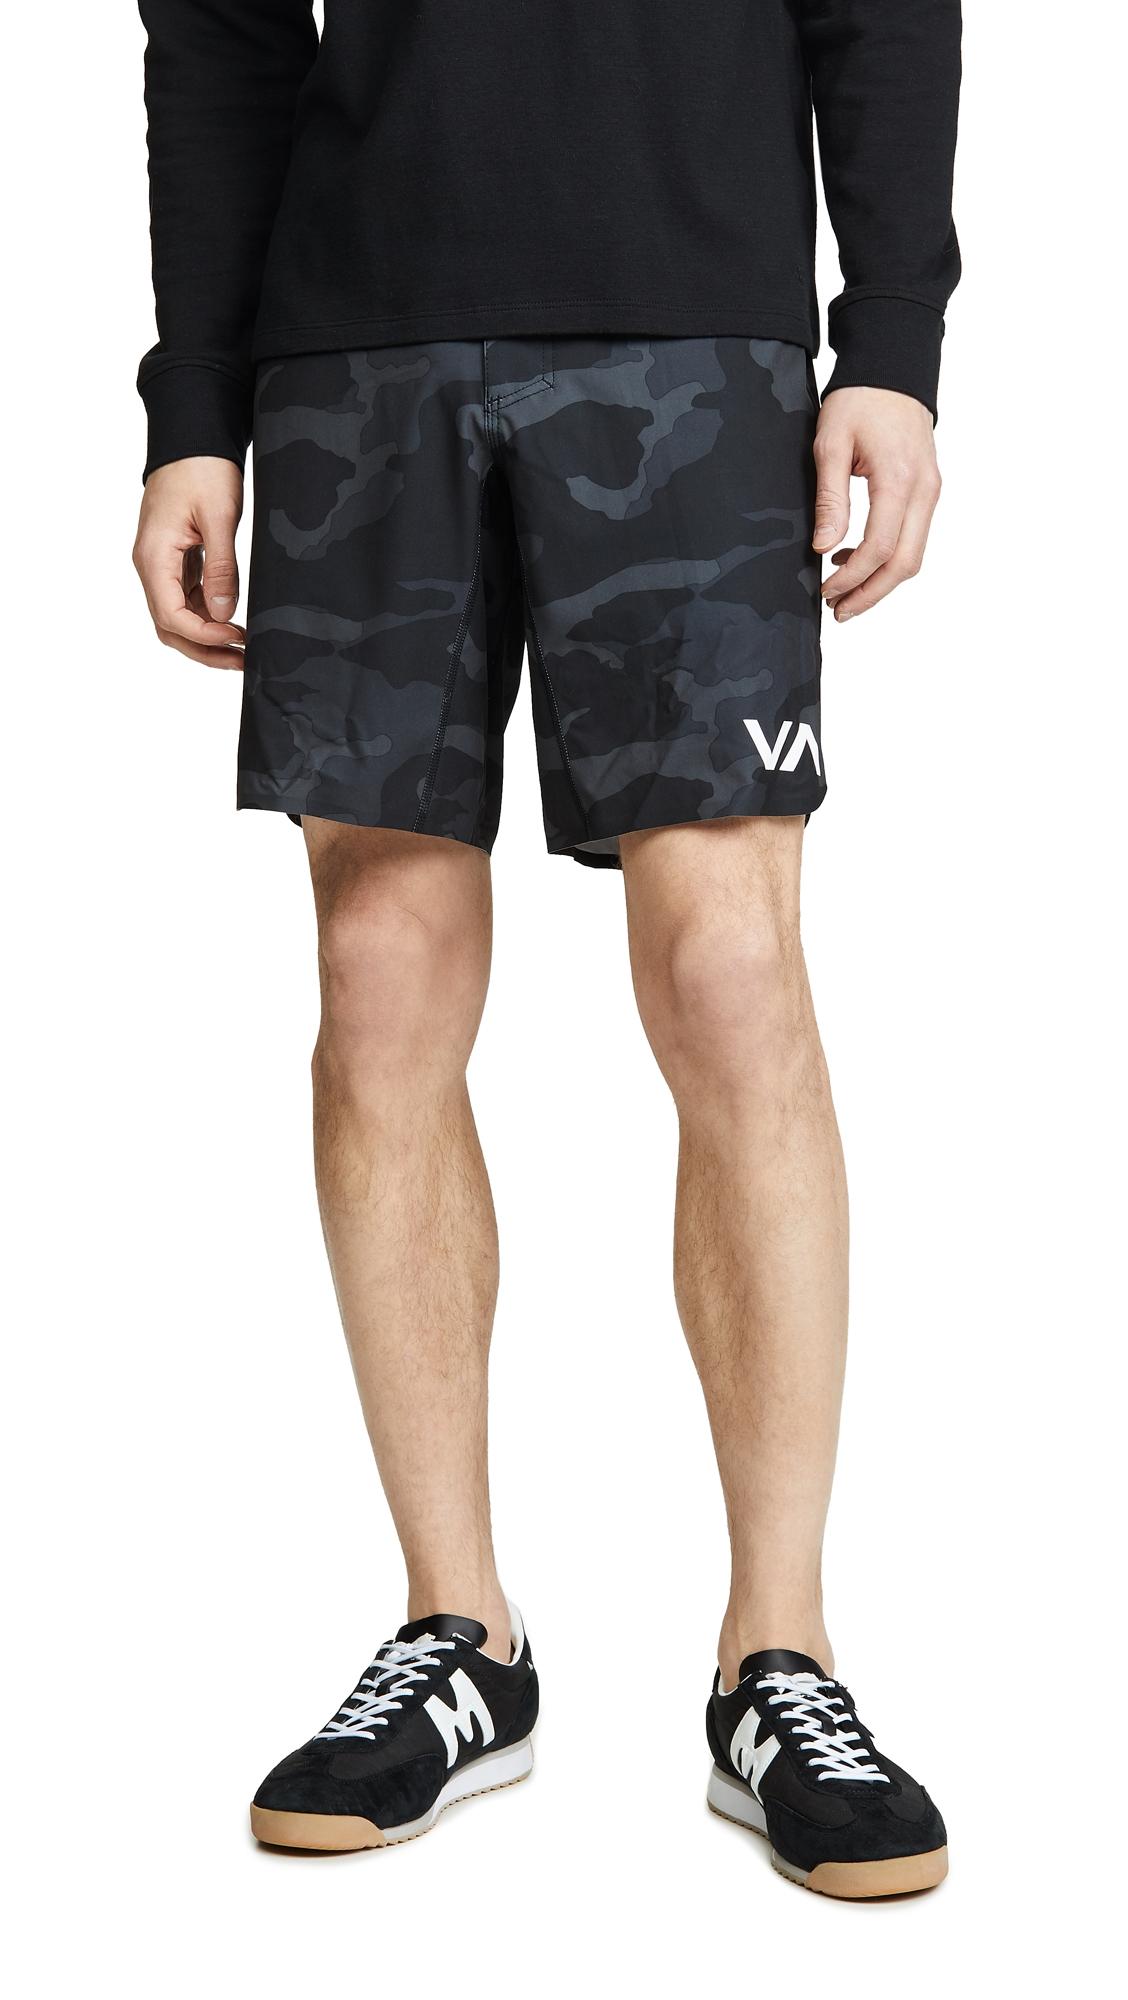 RVCA 19 Va Train Shorts